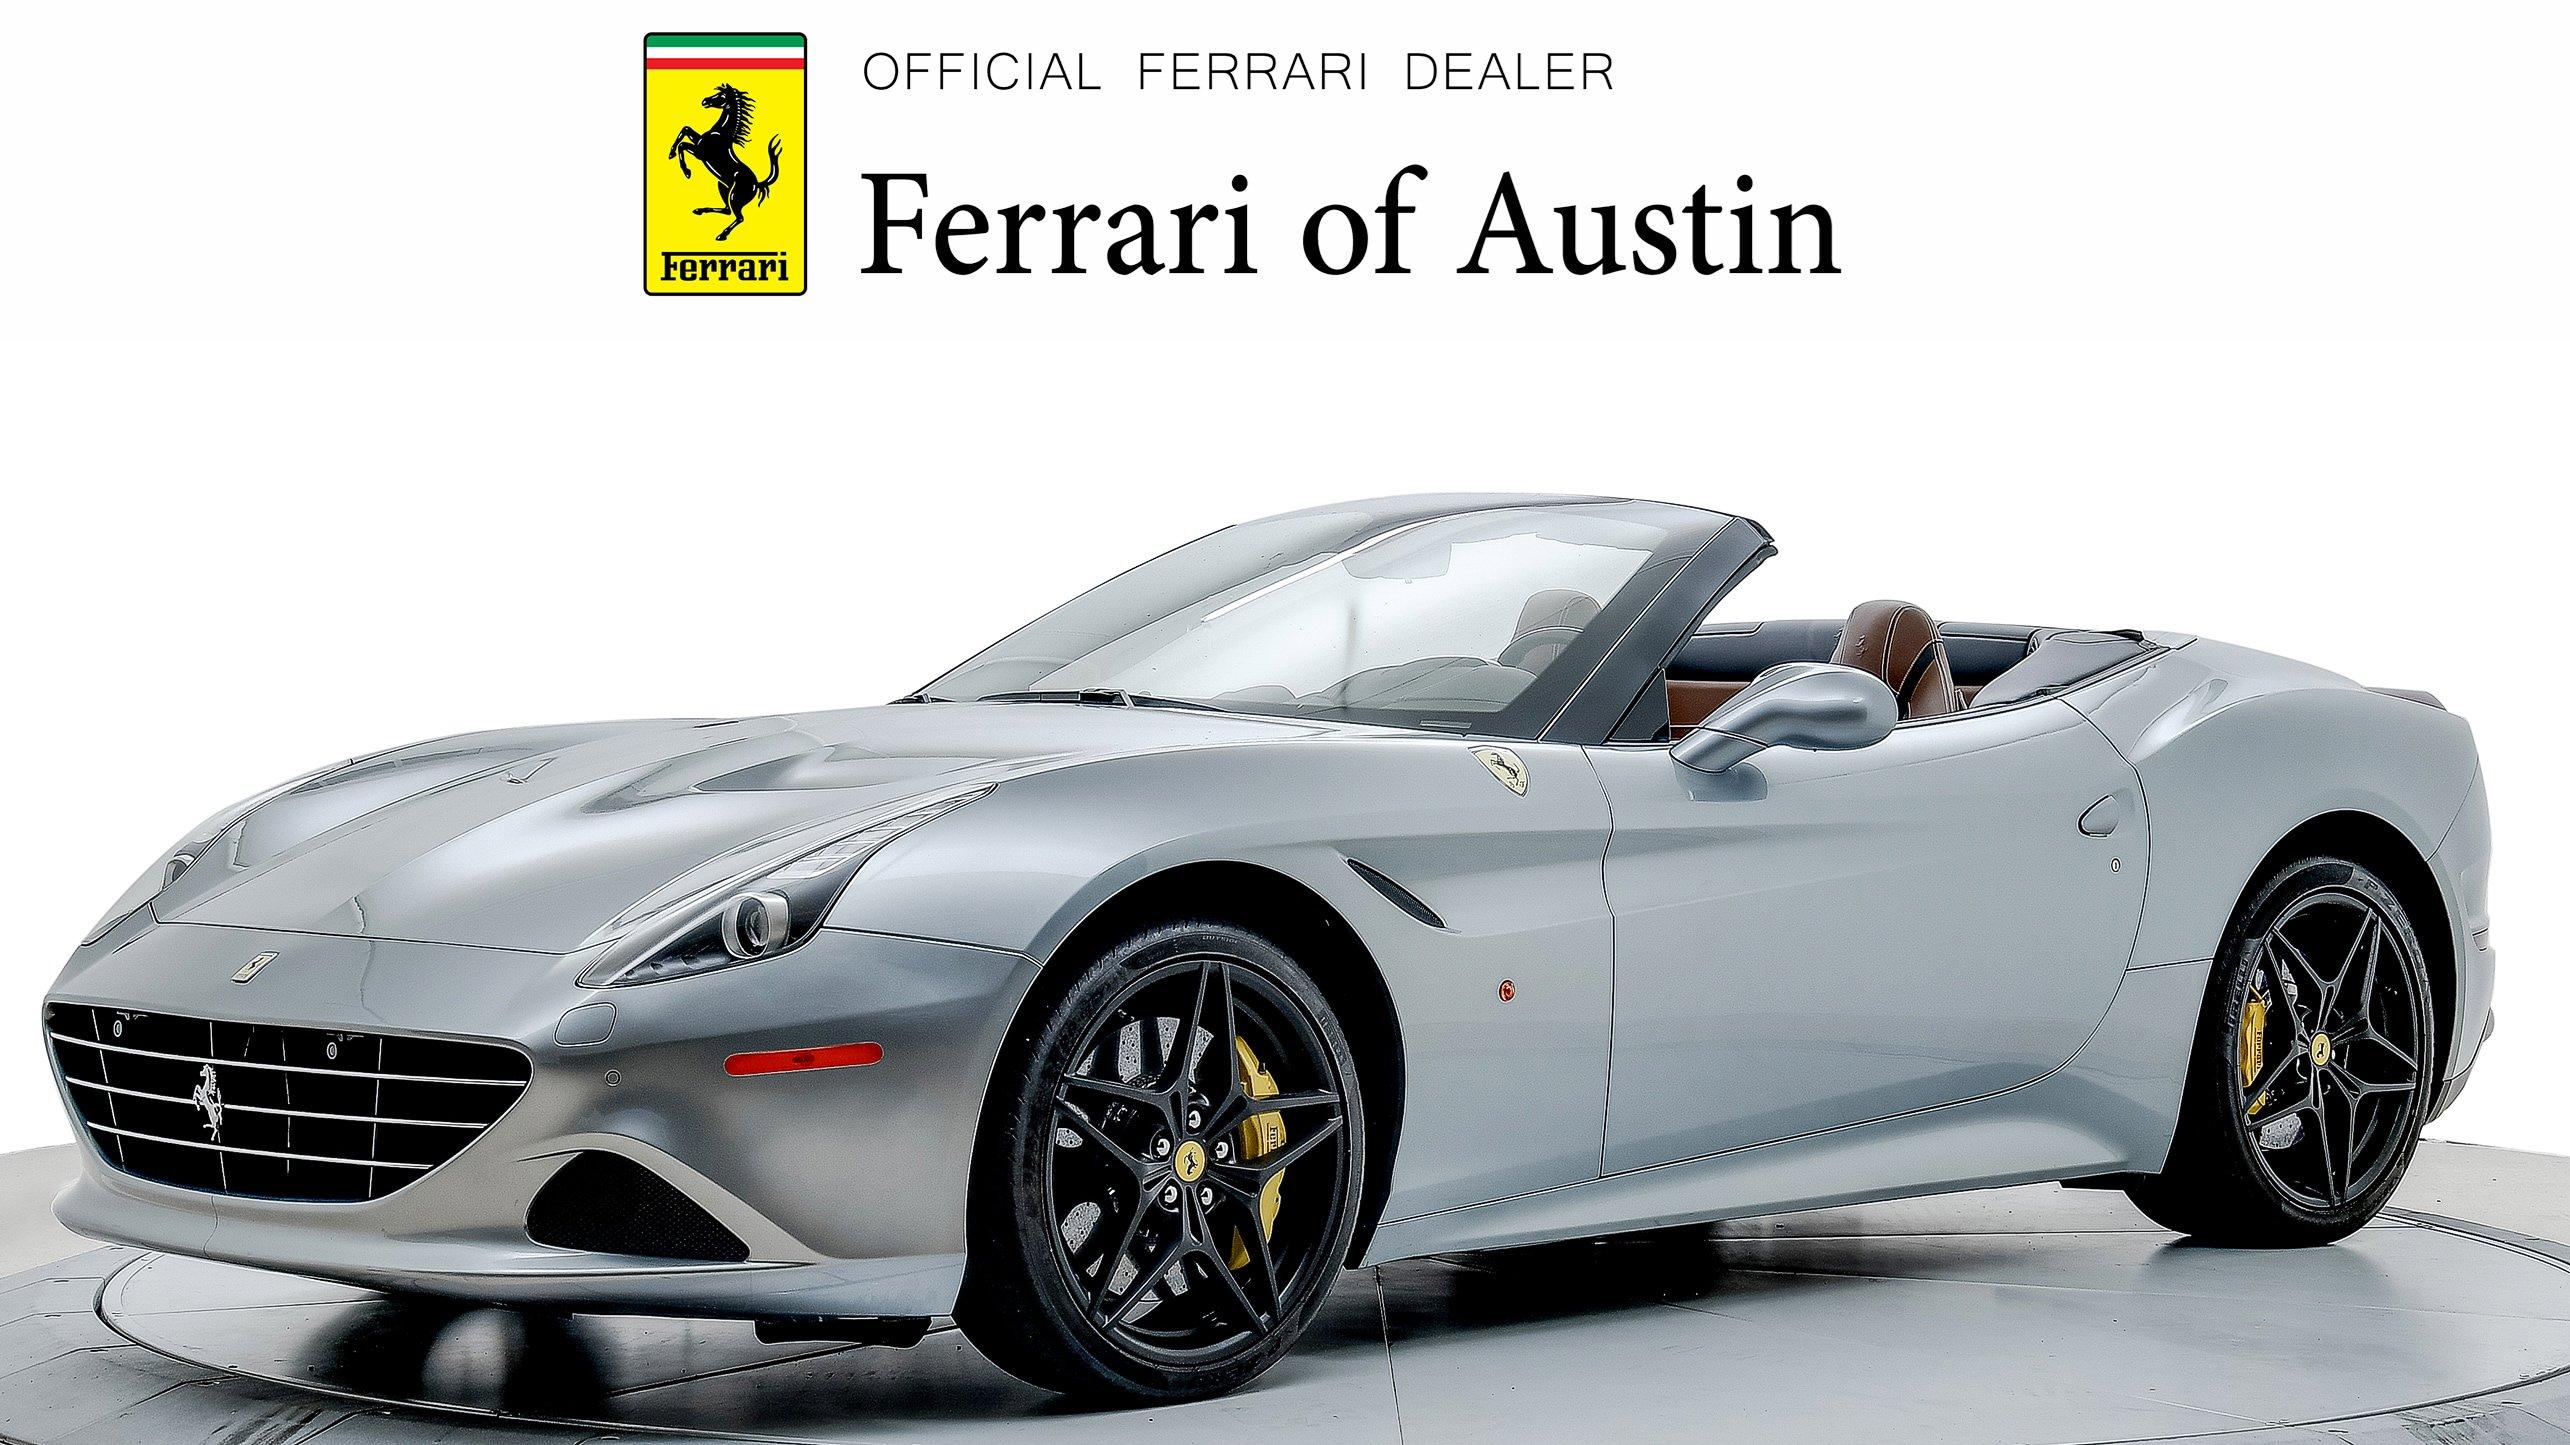 2016 Ferrari California T image